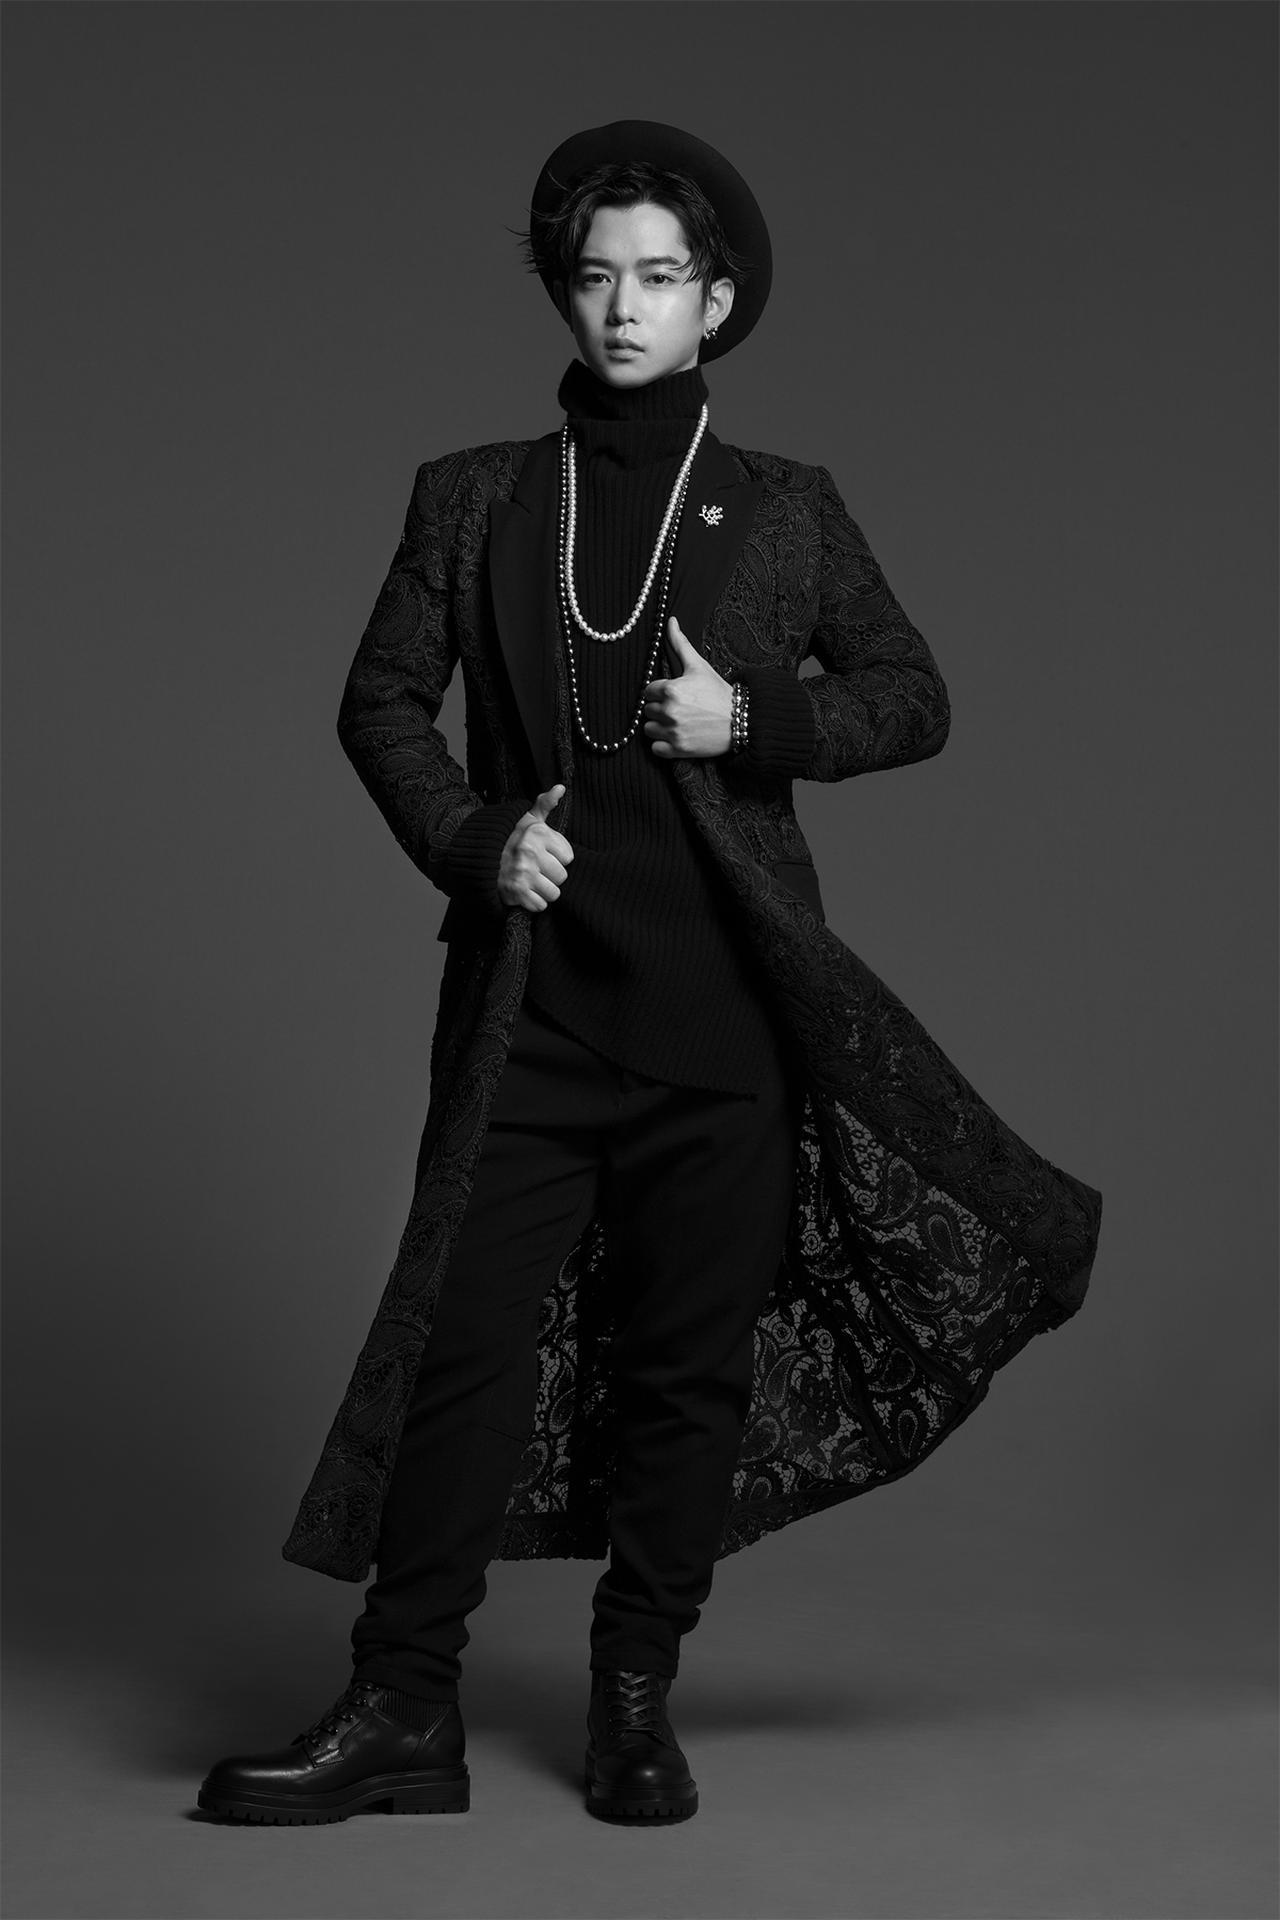 Images : 13番目の画像 - 「TJ News 夏木マリ、千葉雄大が語る 私にとってのパールと生き方」のアルバム - T JAPAN:The New York Times Style Magazine 公式サイト